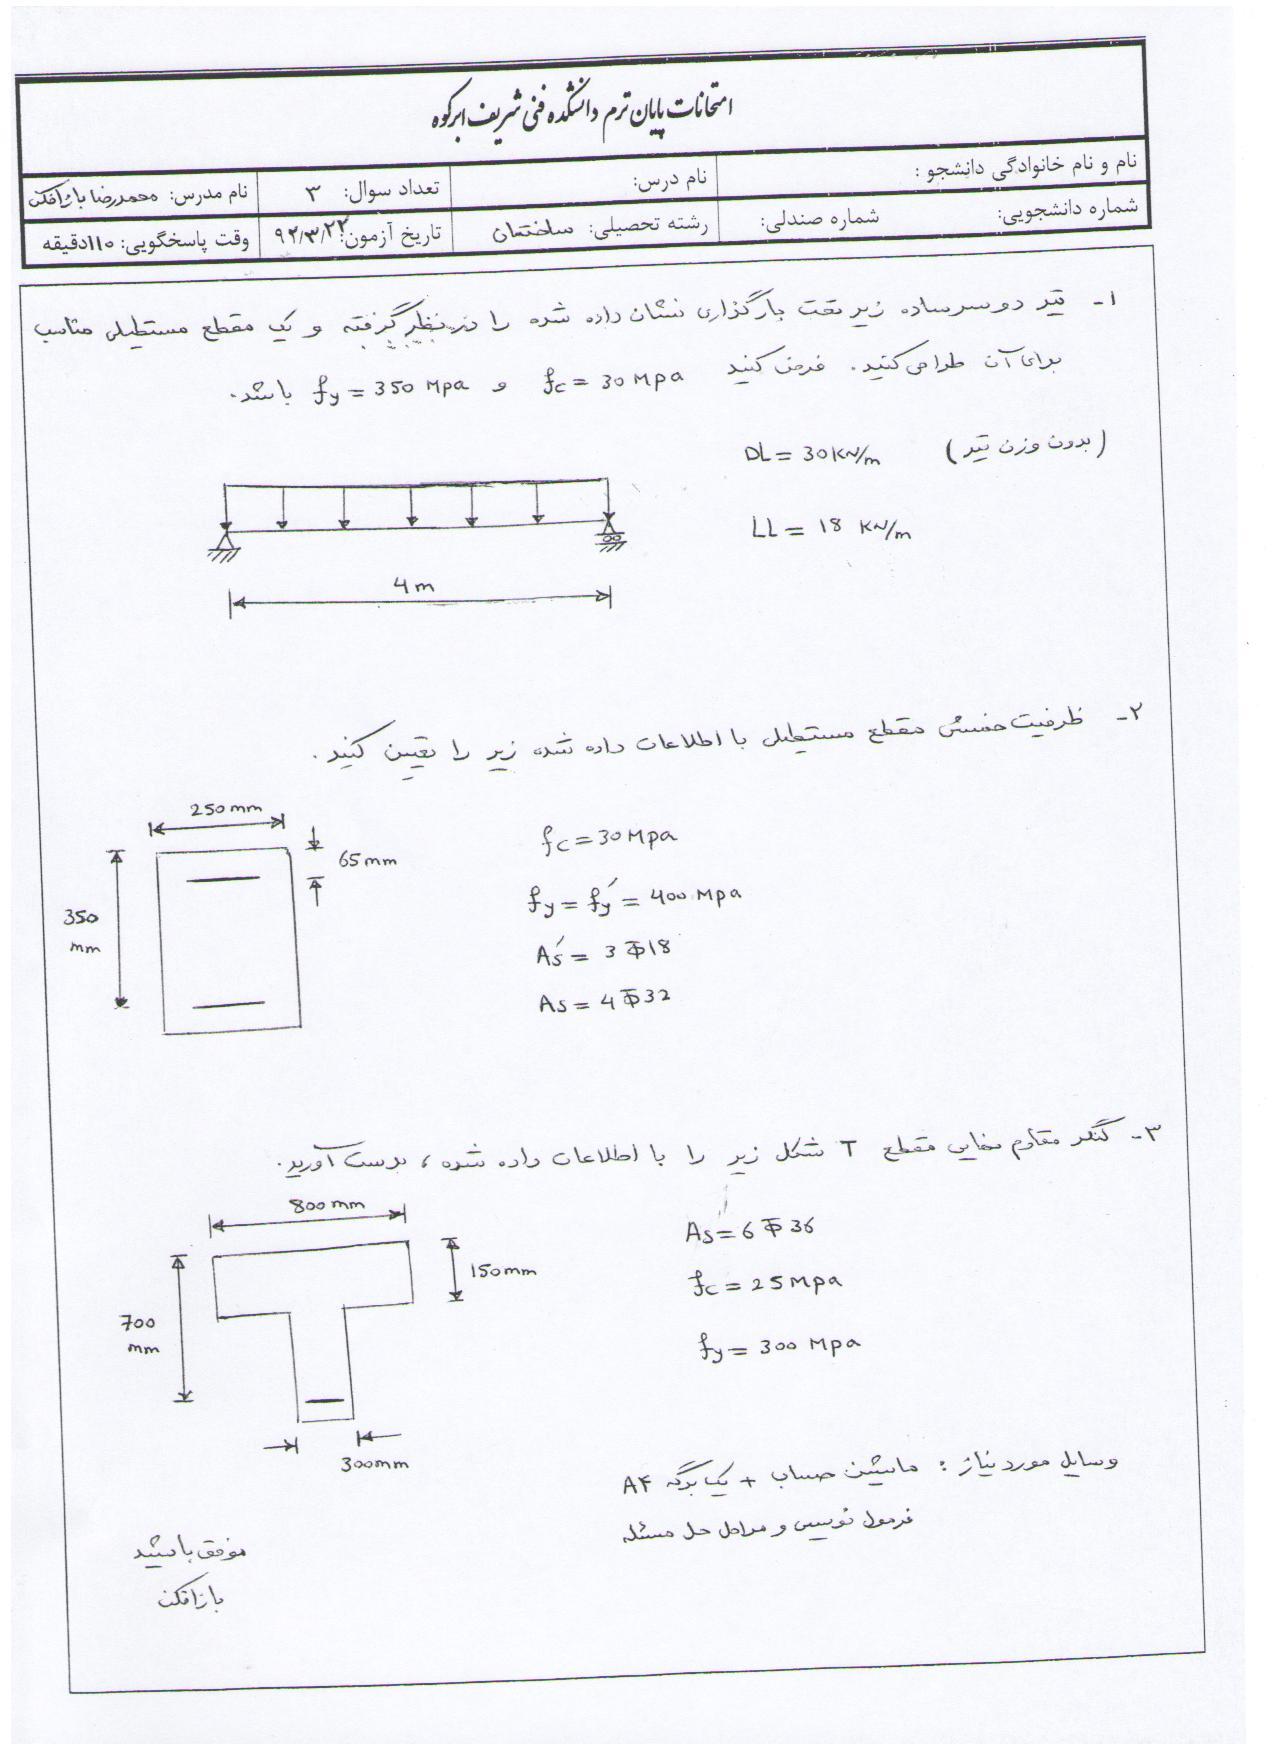 مهندسی عمران راه و ساختمانبرای دانلود سوالات امتحان اینجا کلیک ...